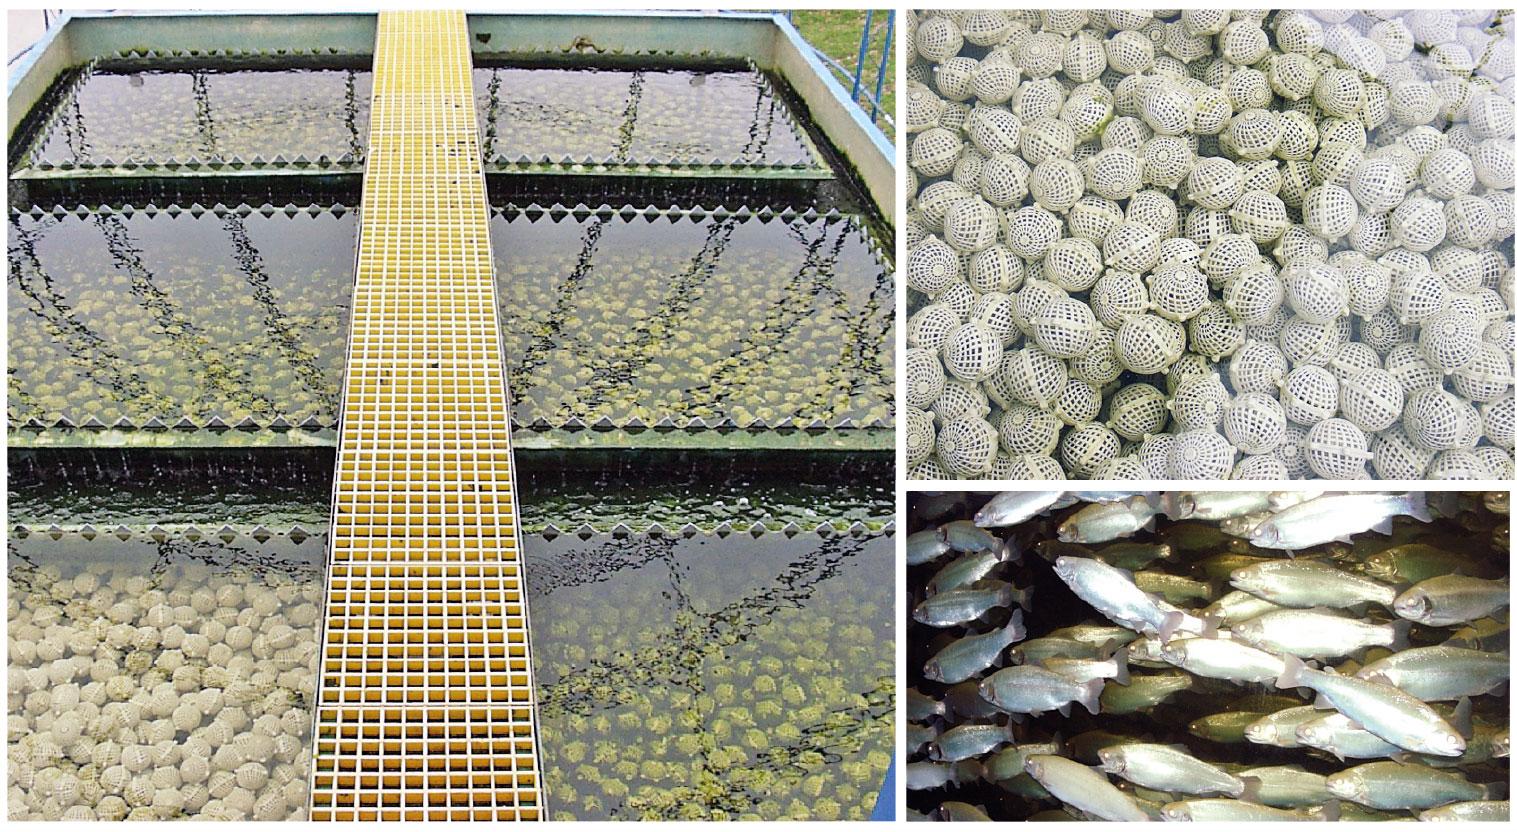 """Biofiltro submerso com bolas de plástico vazadas (""""bioballs"""") em um sistema demonstrativo de recirculação com truta arco-íris em Xangai, na China"""